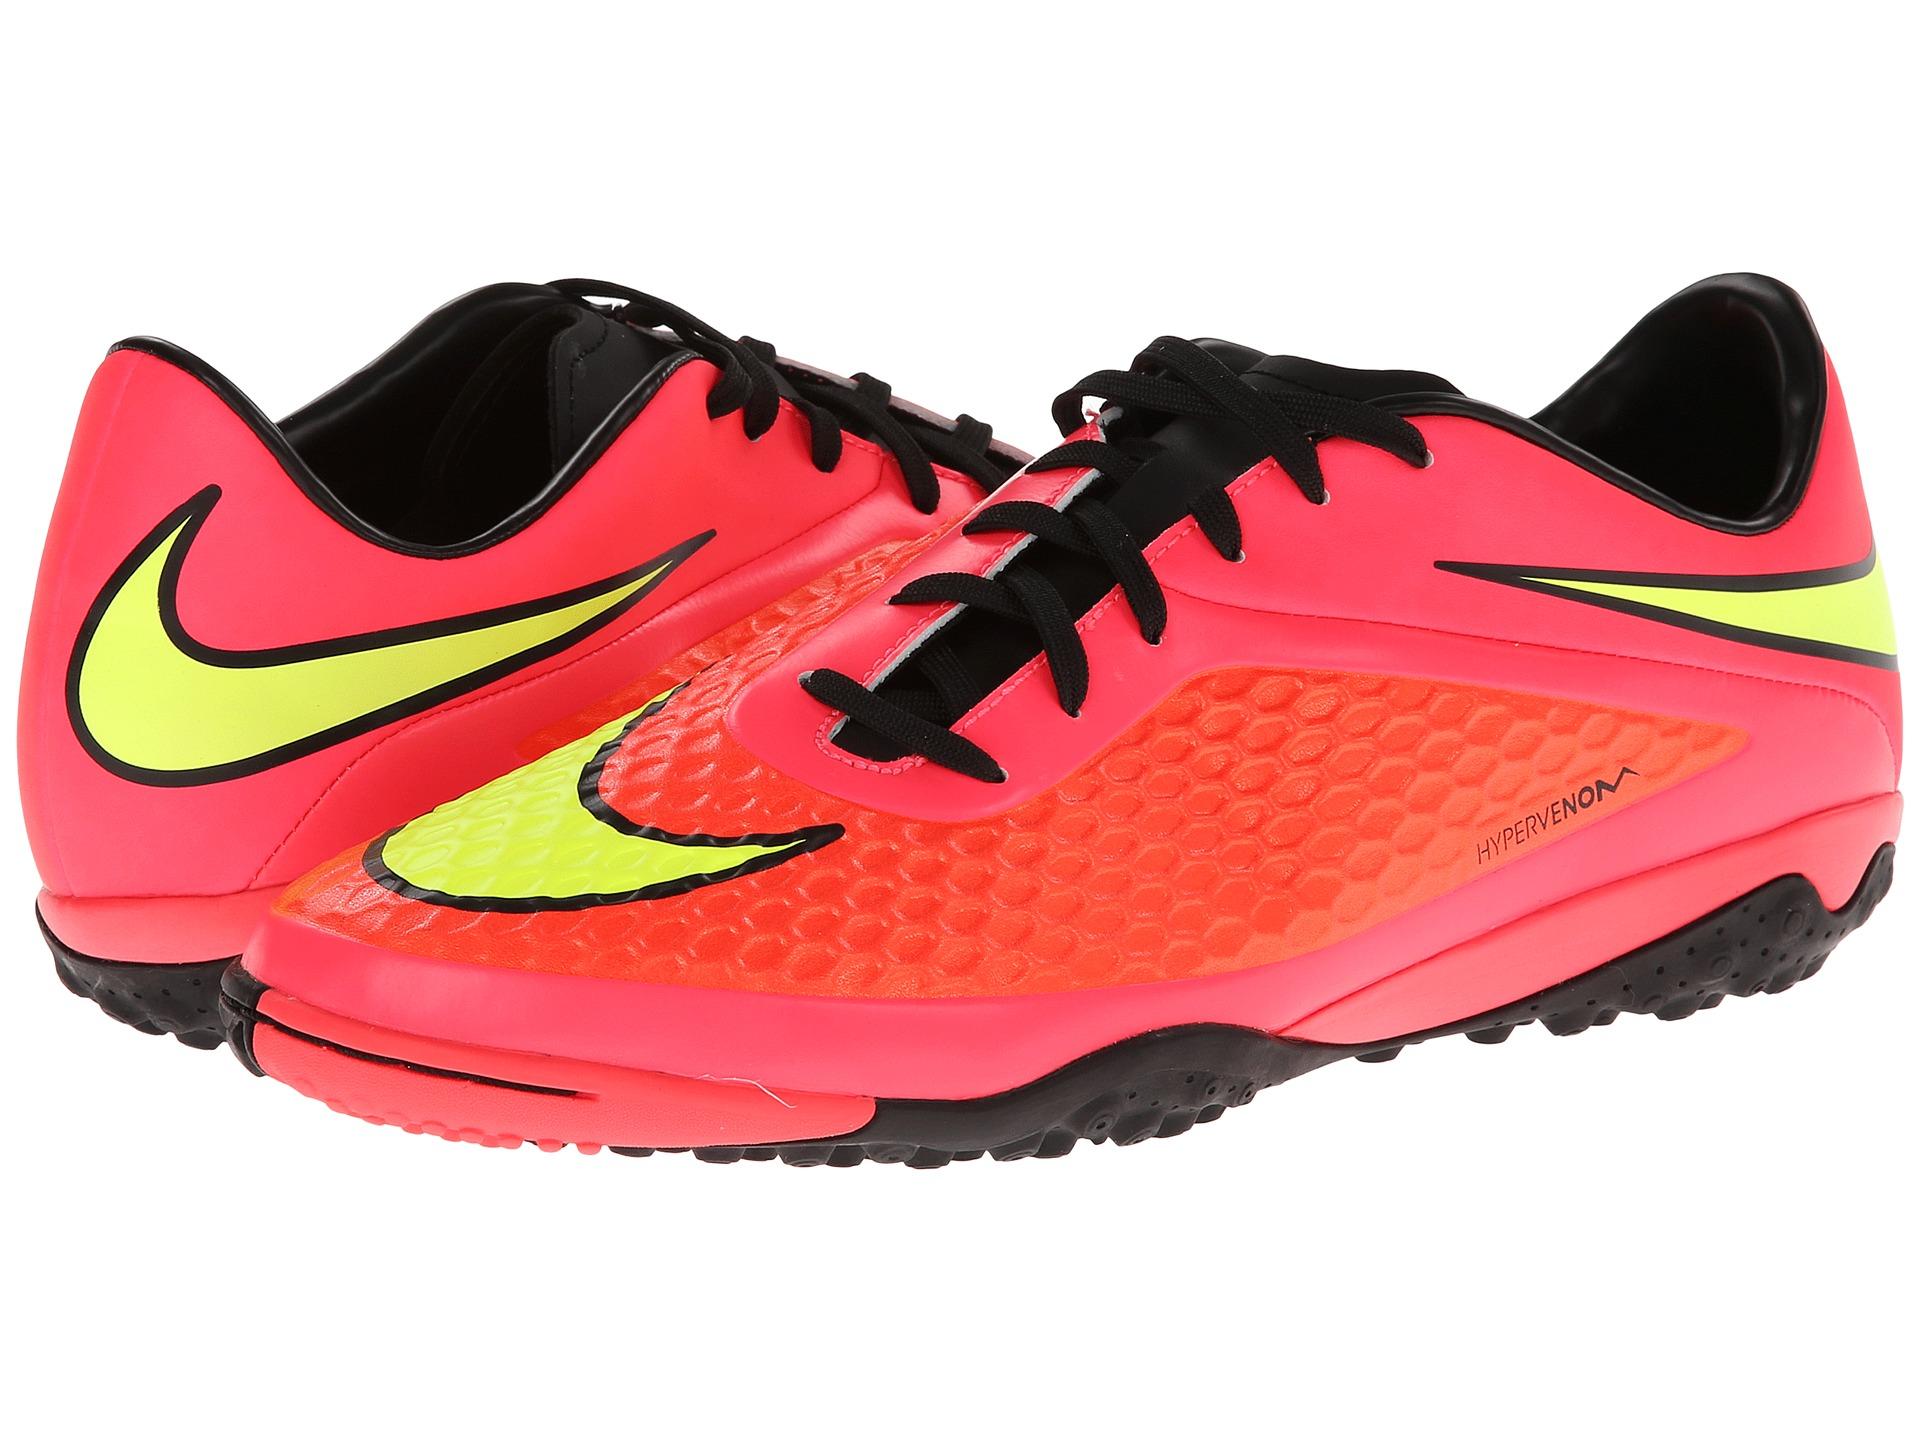 Nike Hypervenom Phelon TF - Zappos.com Free Shipping BOTH Ways